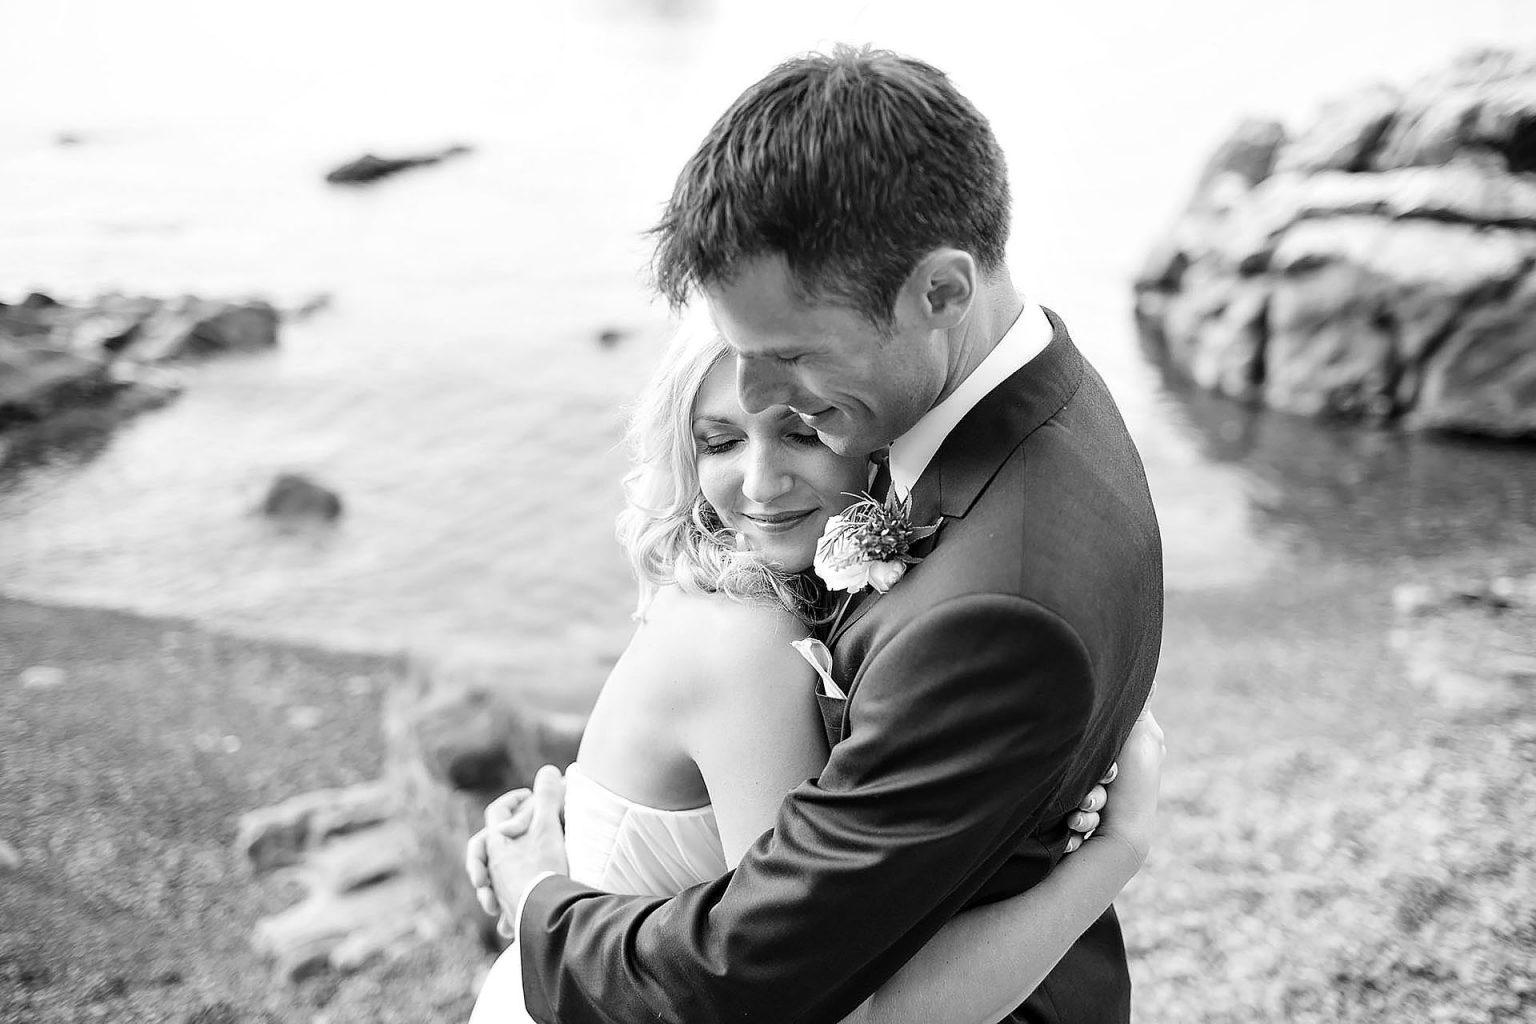 Fotografia di sposi abbracciati fotografati a Cefalù